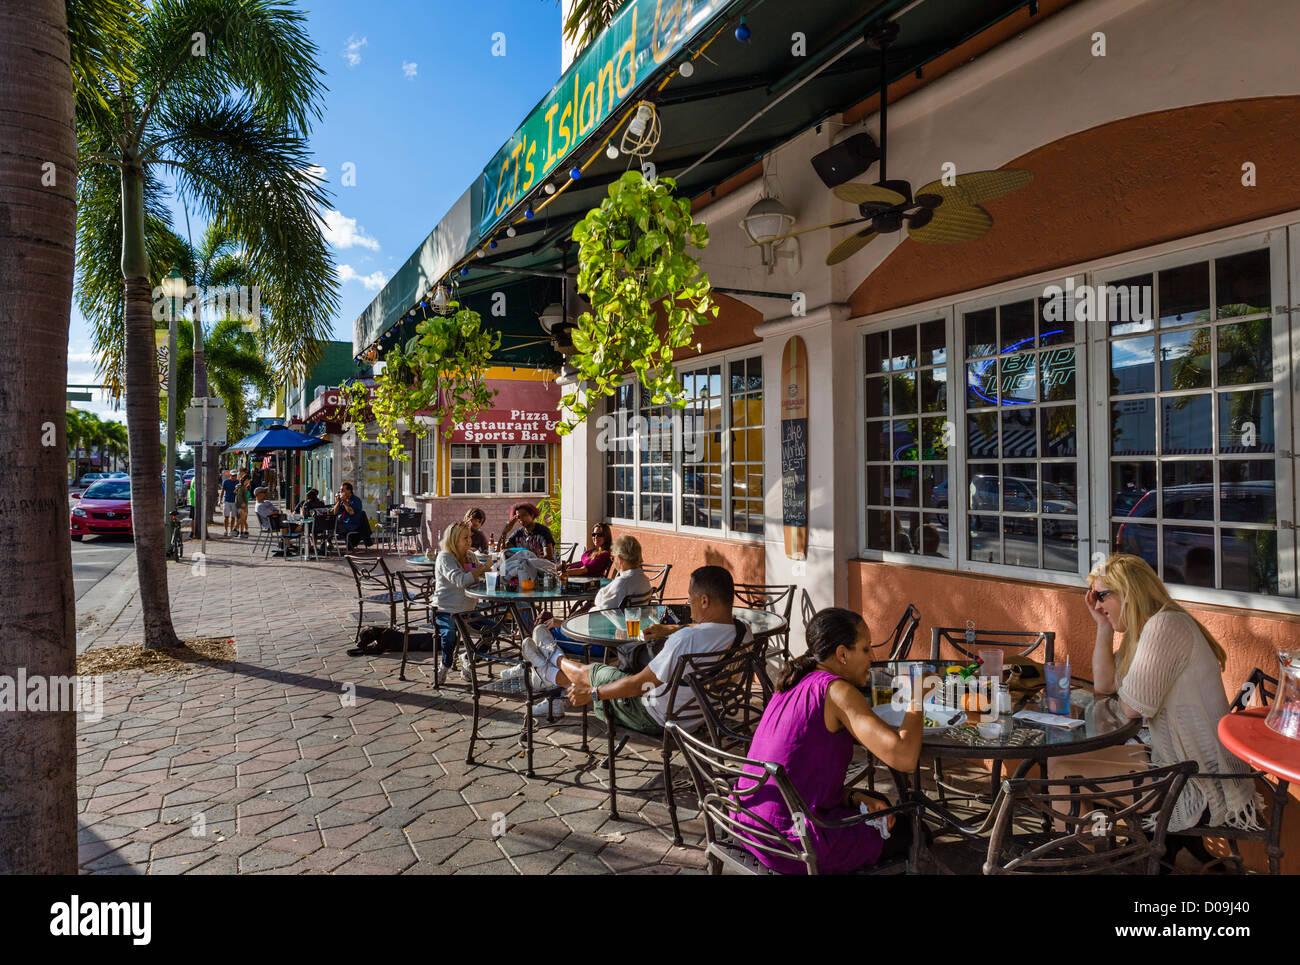 Bürgersteig-Restaurant am See-Allee in der historischen Innenstadt von Lake Worth, Treasure Coast, Florida, Stockbild